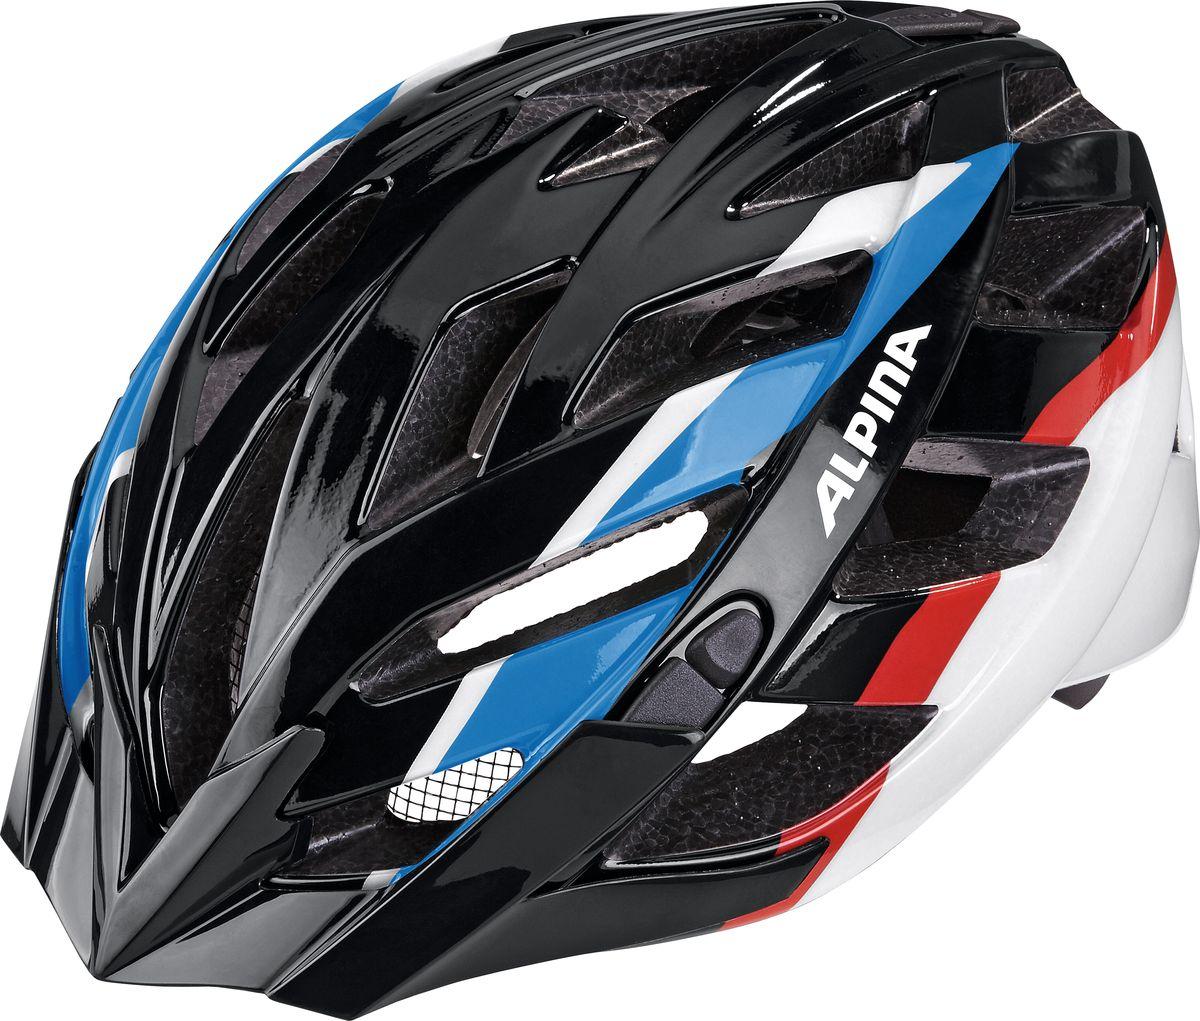 Шлем летний Alpina Panoma, цвет: черный, синий, красный. A9665136. Размер 56/59A9665136Классический универсальный велосипедный шлем с превосходной посадкой. Panoma - верный компаньон в ежедневных поездках до работы и выездов по выходным. 23 вентиляционных отверстия. Безопасность: Оболочка Inmold Производственный процесс заключается в нагревании до высокой температуры внешней поликарбонатной оболочки и запекании ее на EPS-тело шлема под высоким давлением. Этот процесс создает неразрывную связь по всей поверхности между внутренней и внешней оболочками, благодаря этому шлем получается не только очень легким, но и чрезвычайно стабильным. Hi-EPS Внутренняя оболочка выполнена из Hi-EPS (вспениный полистирол). Этот материал состоит из множества микроскопических воздушных камер, которые эффективно поглощают силу удара. Hi-EPS обеспечивает оптимальную защиту в сочетании с экстратонкими стенками. Ceramic Материал объединяет несколько преимуществ: устойчив к ударам и царапинам, содержит ультрафиолетовые стабилизаторы и...